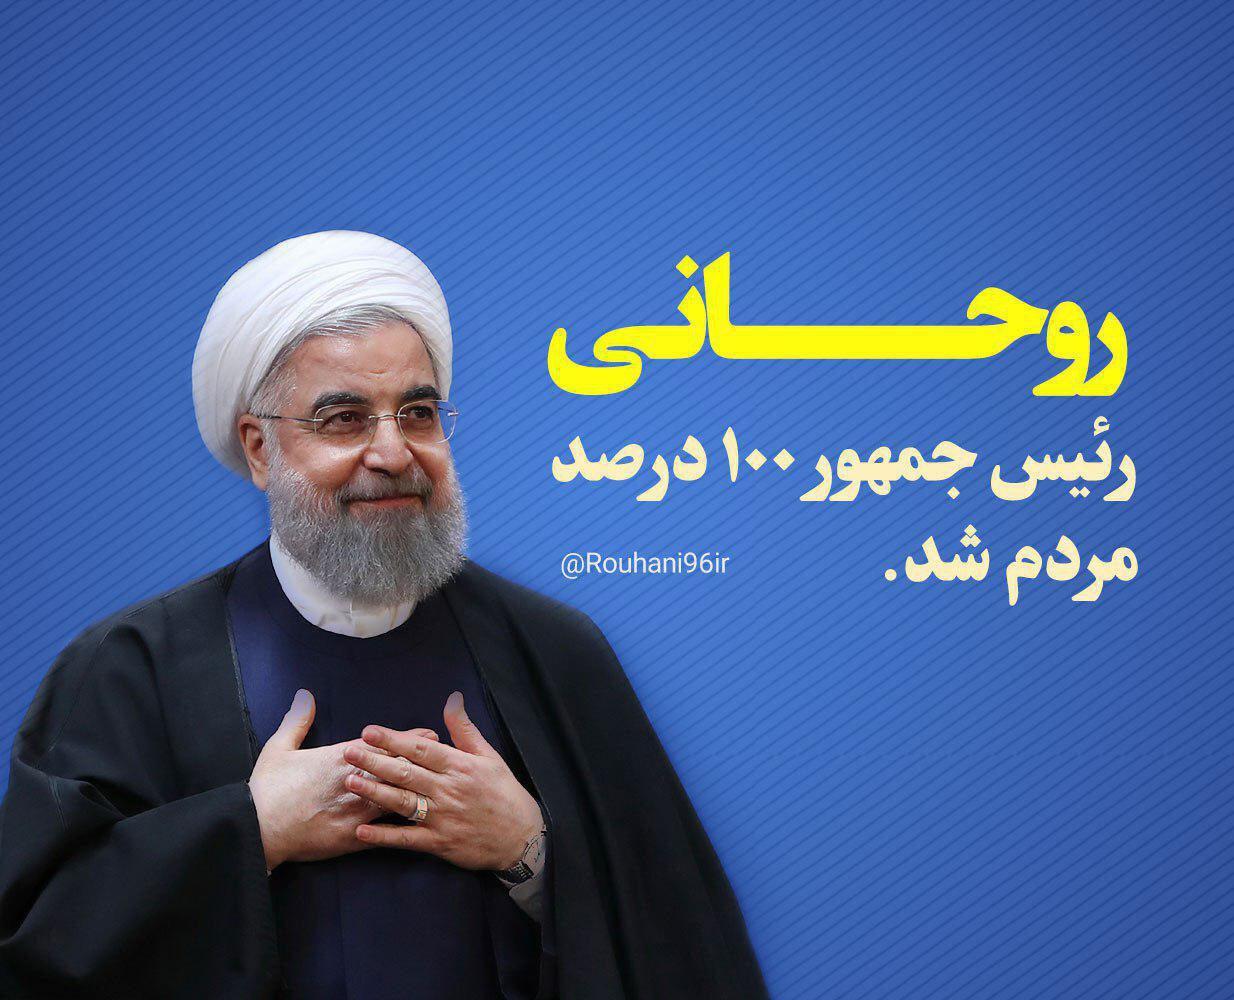 کانال تلگرام حزب ندای ایرانیان